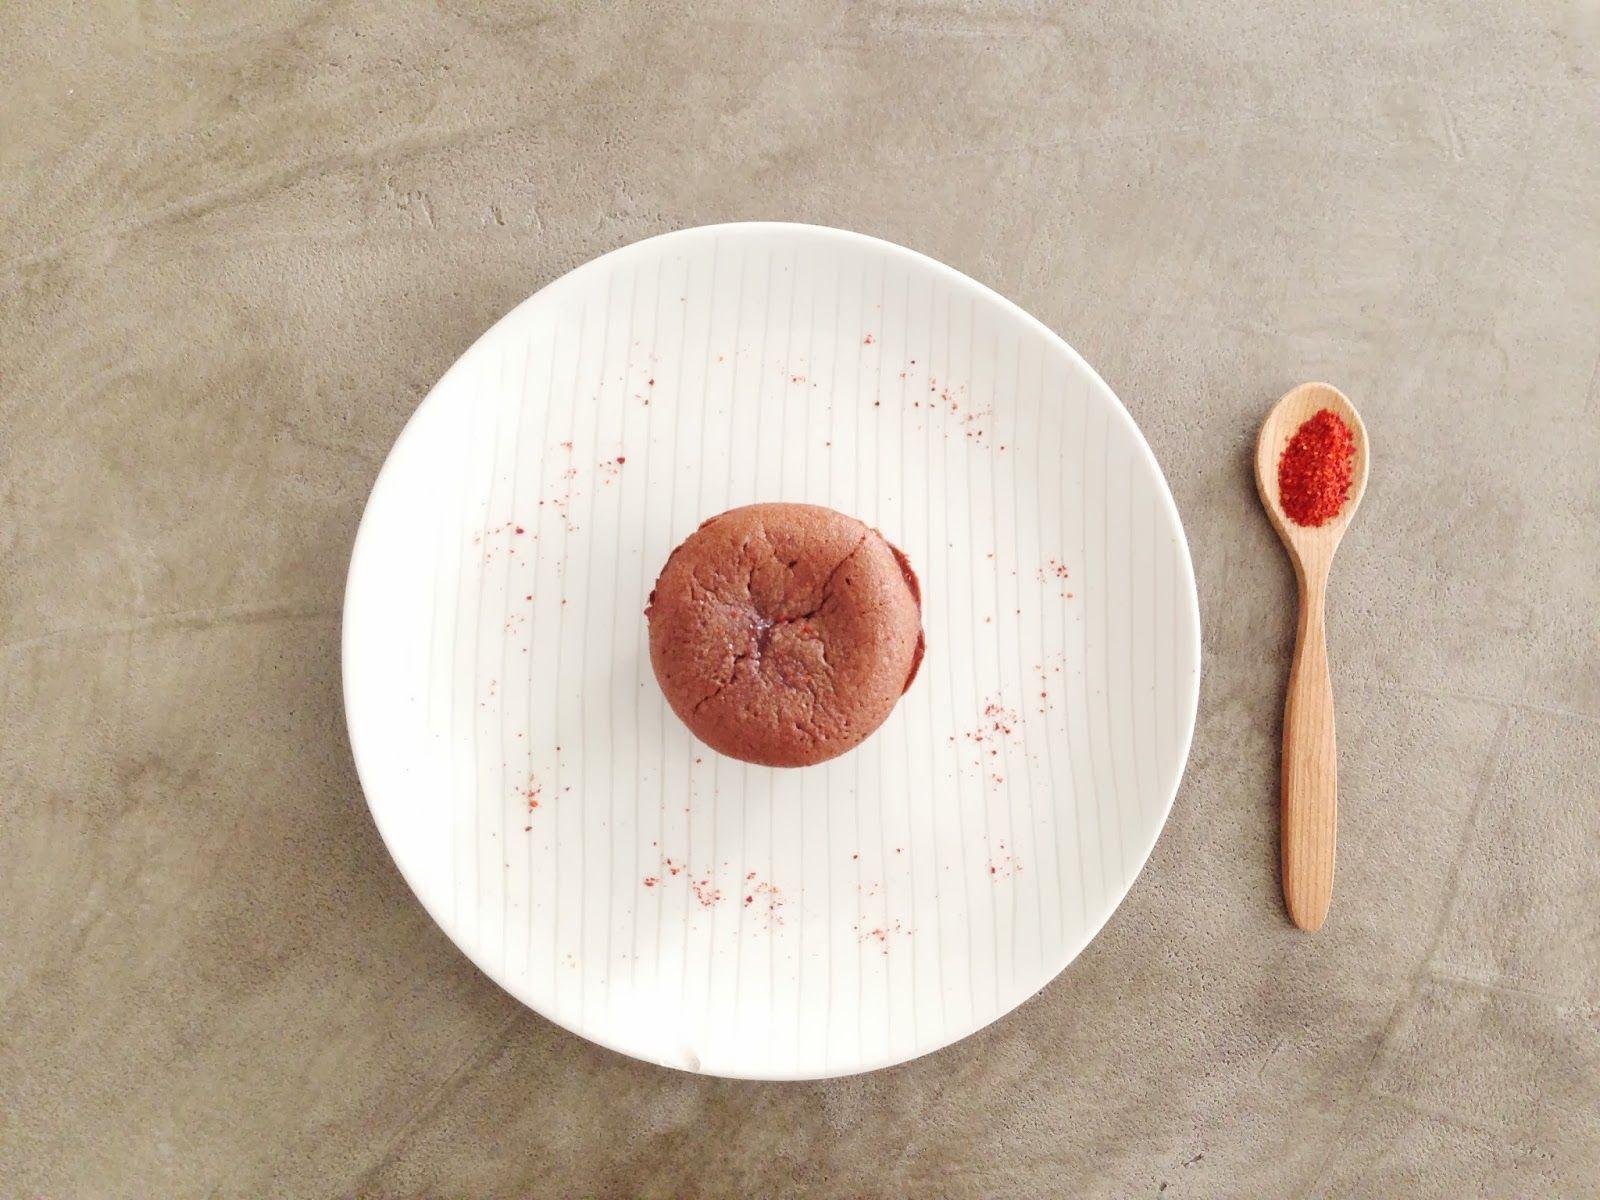 Recette Balibert - Moelleux au chocolat et piment d'Espelette